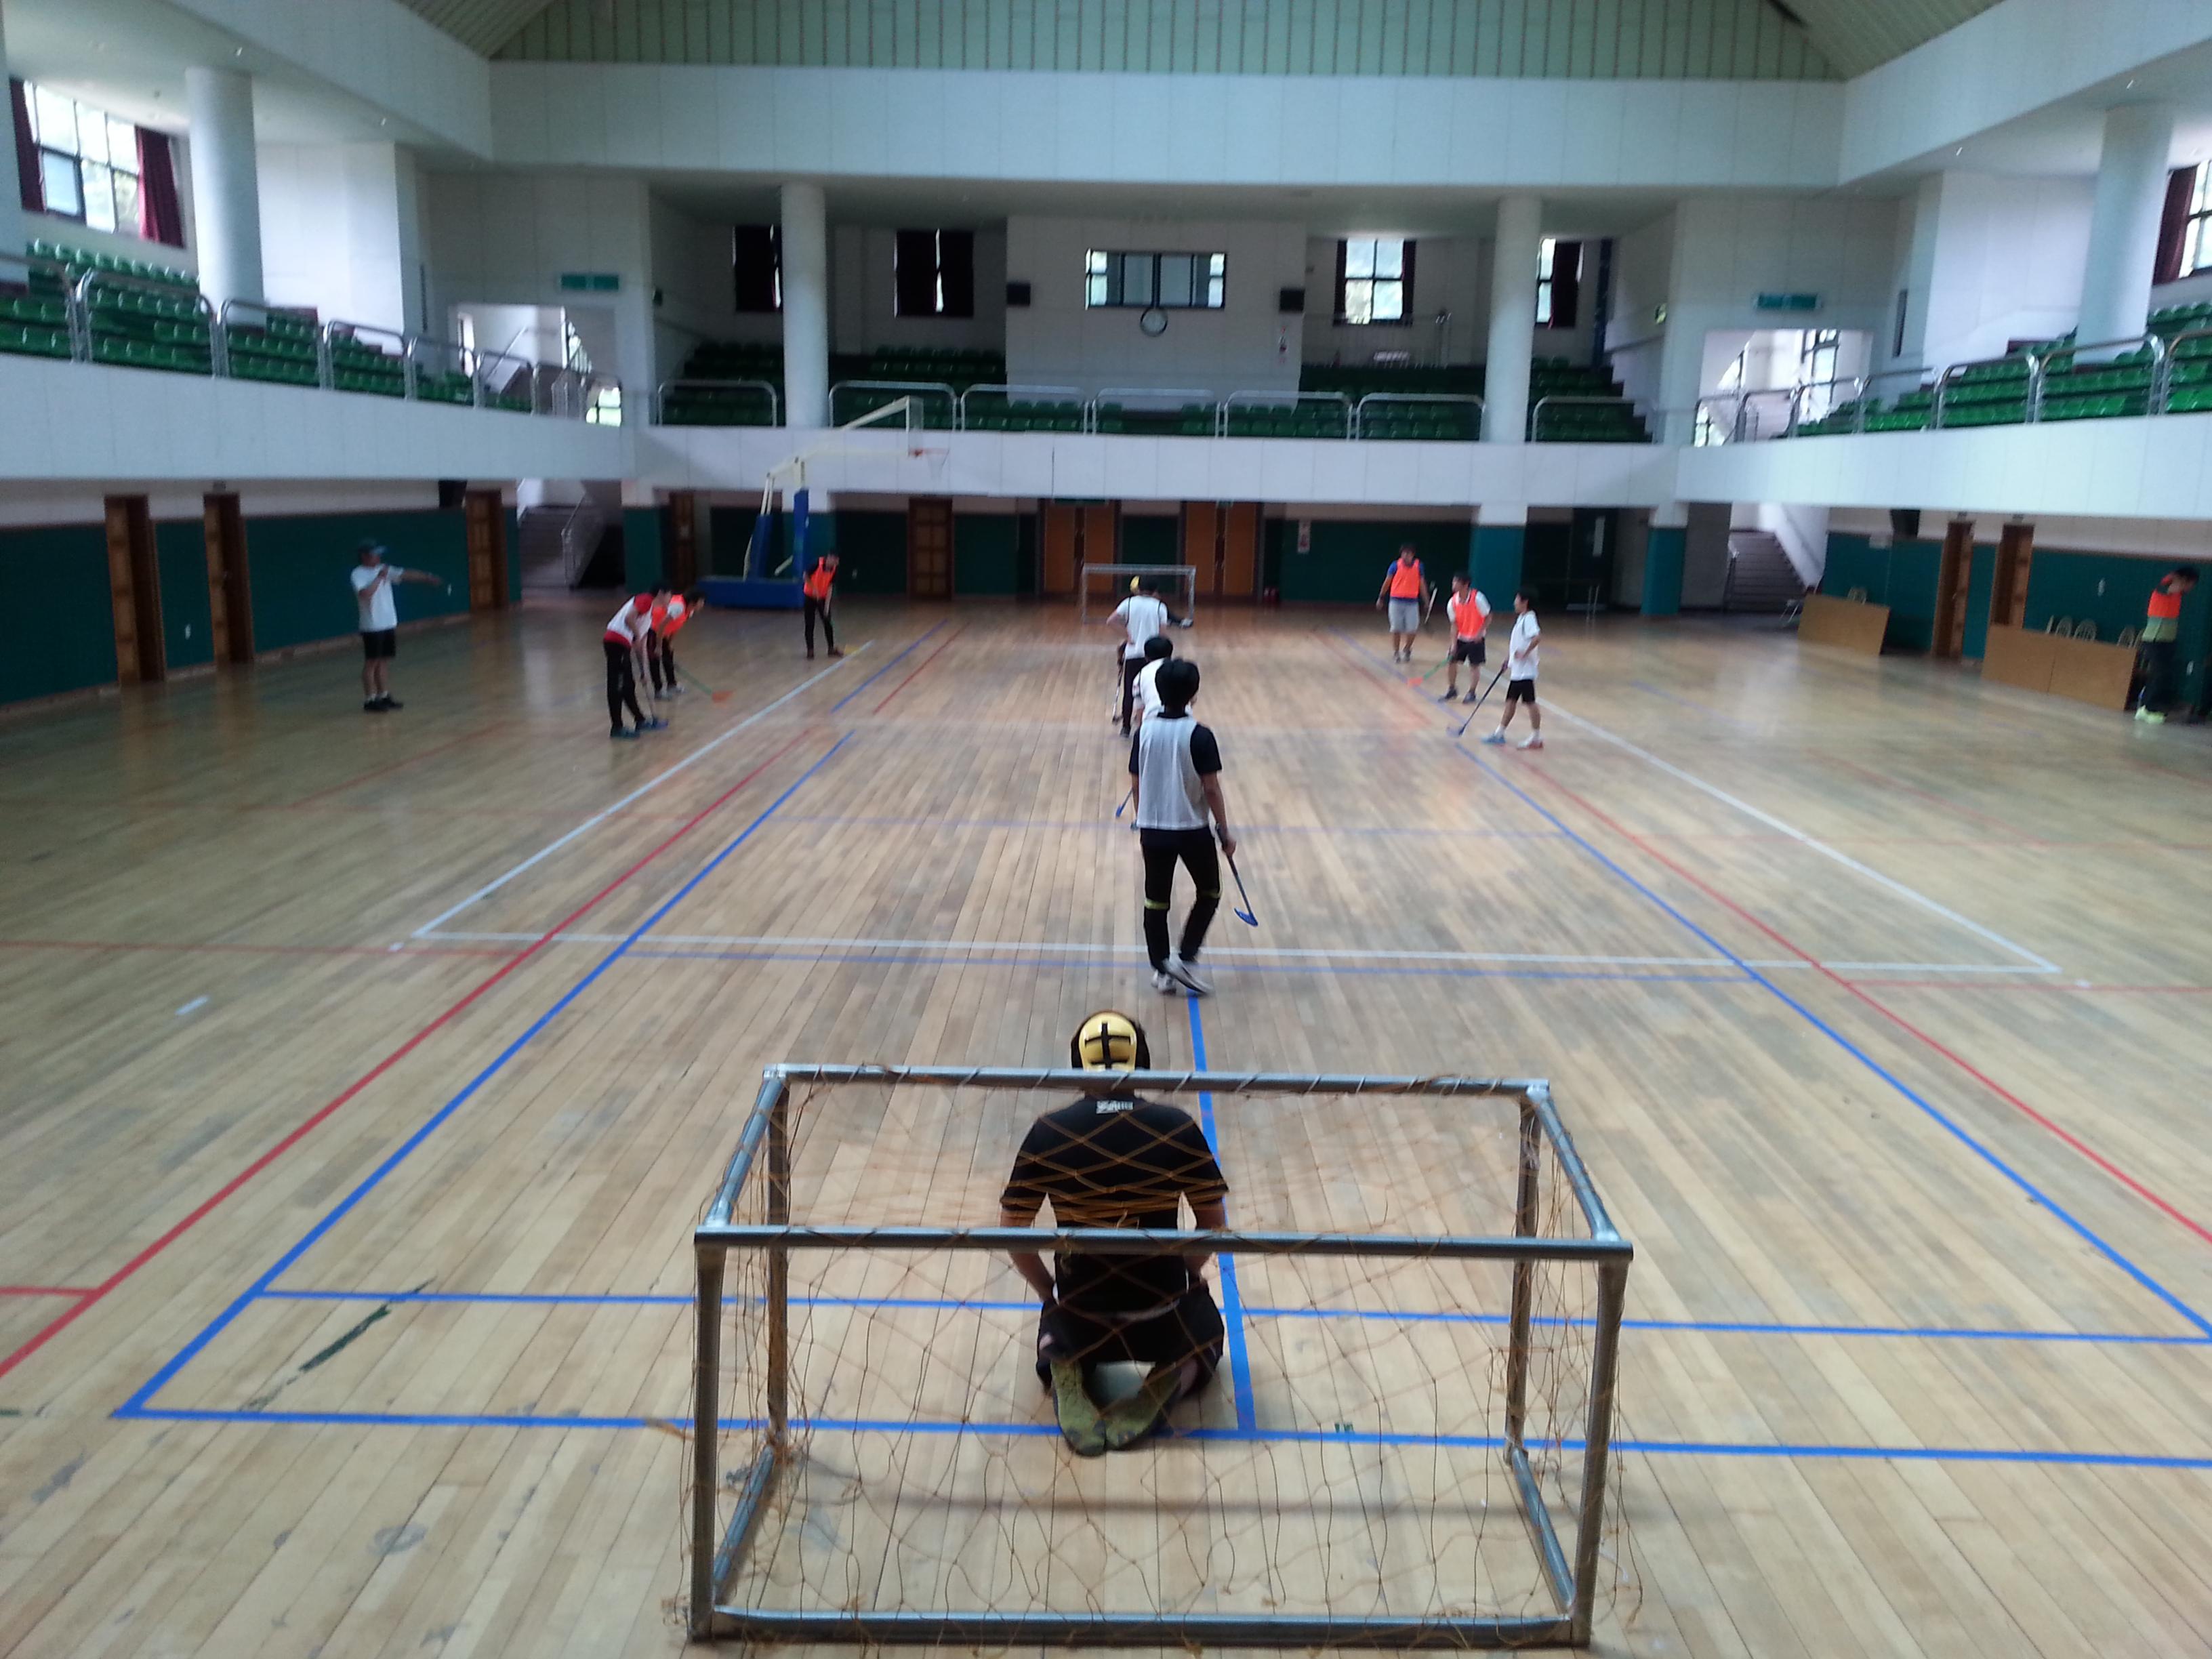 [일반] 포천학교스포츠클럽리그전 참가경기모습의 첨부이미지 6